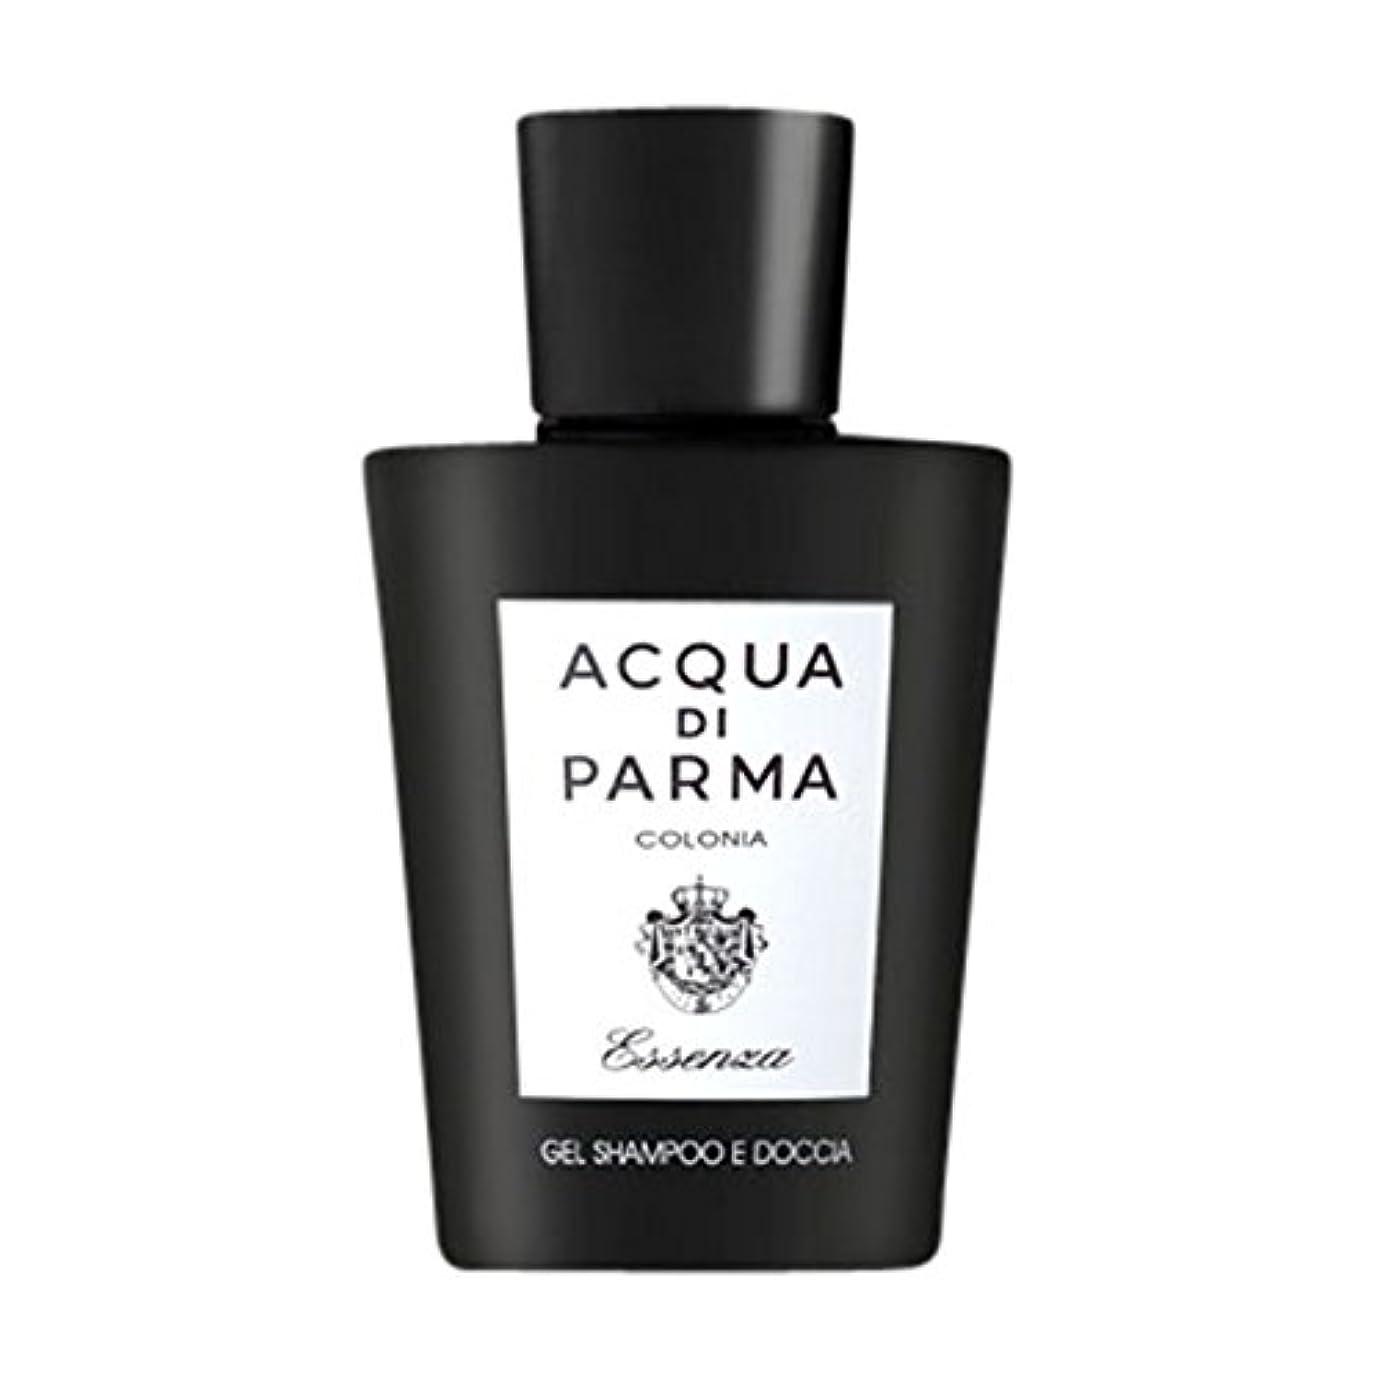 占めるトロリー公平アクアディパルマコロニアEssenza髪とシャワージェル200ミリリットル (Acqua di Parma) - Acqua di Parma Colonia Essenza Hair and Shower Gel 200ml...